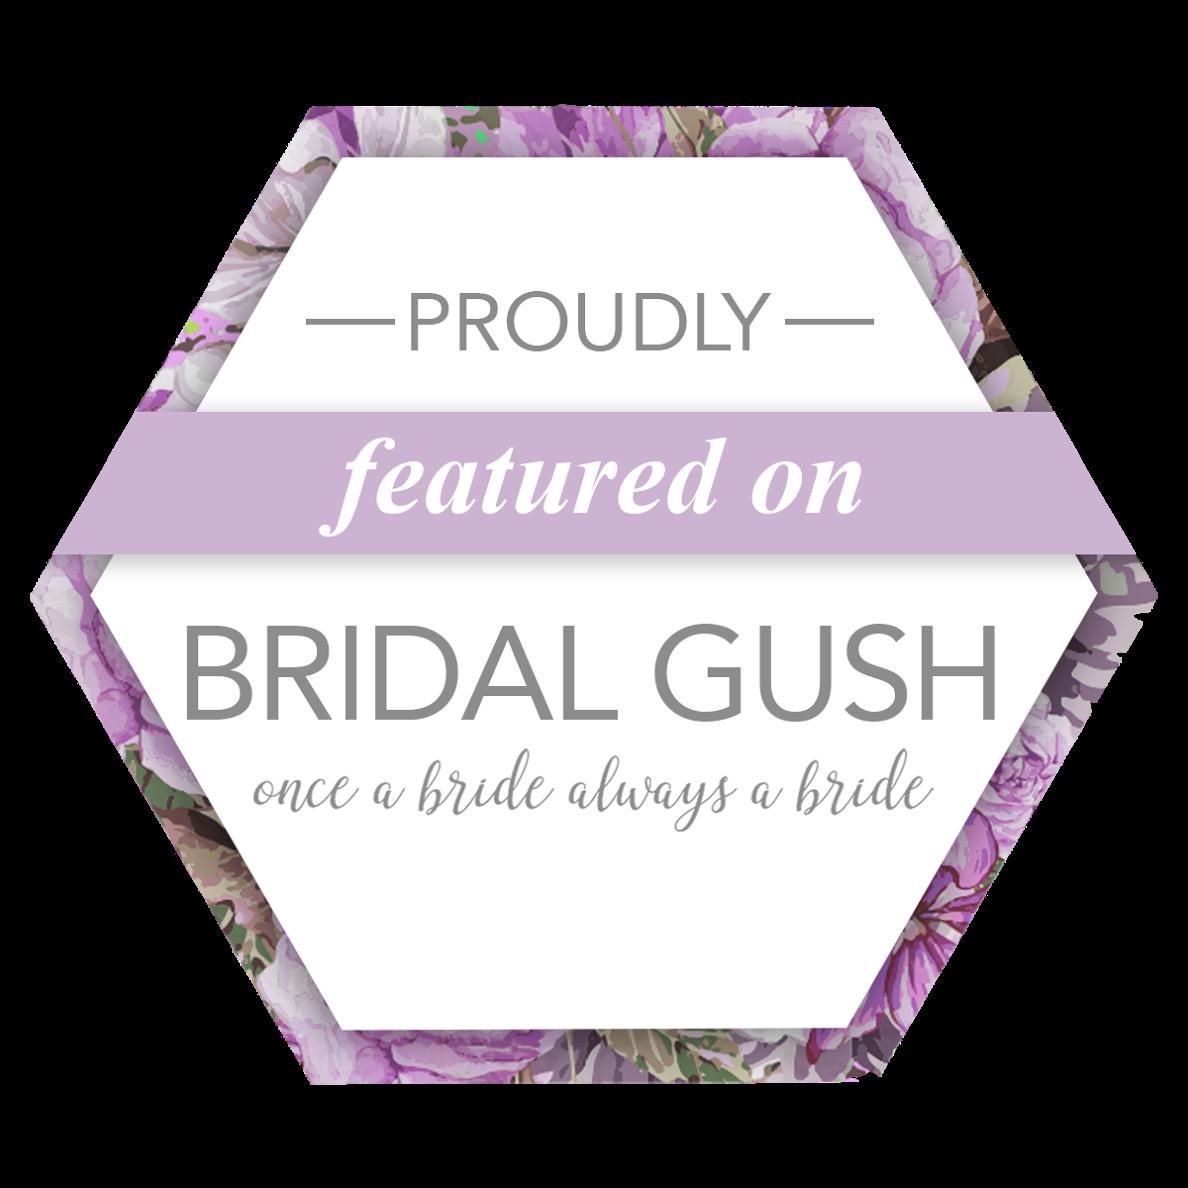 Bridal Gush